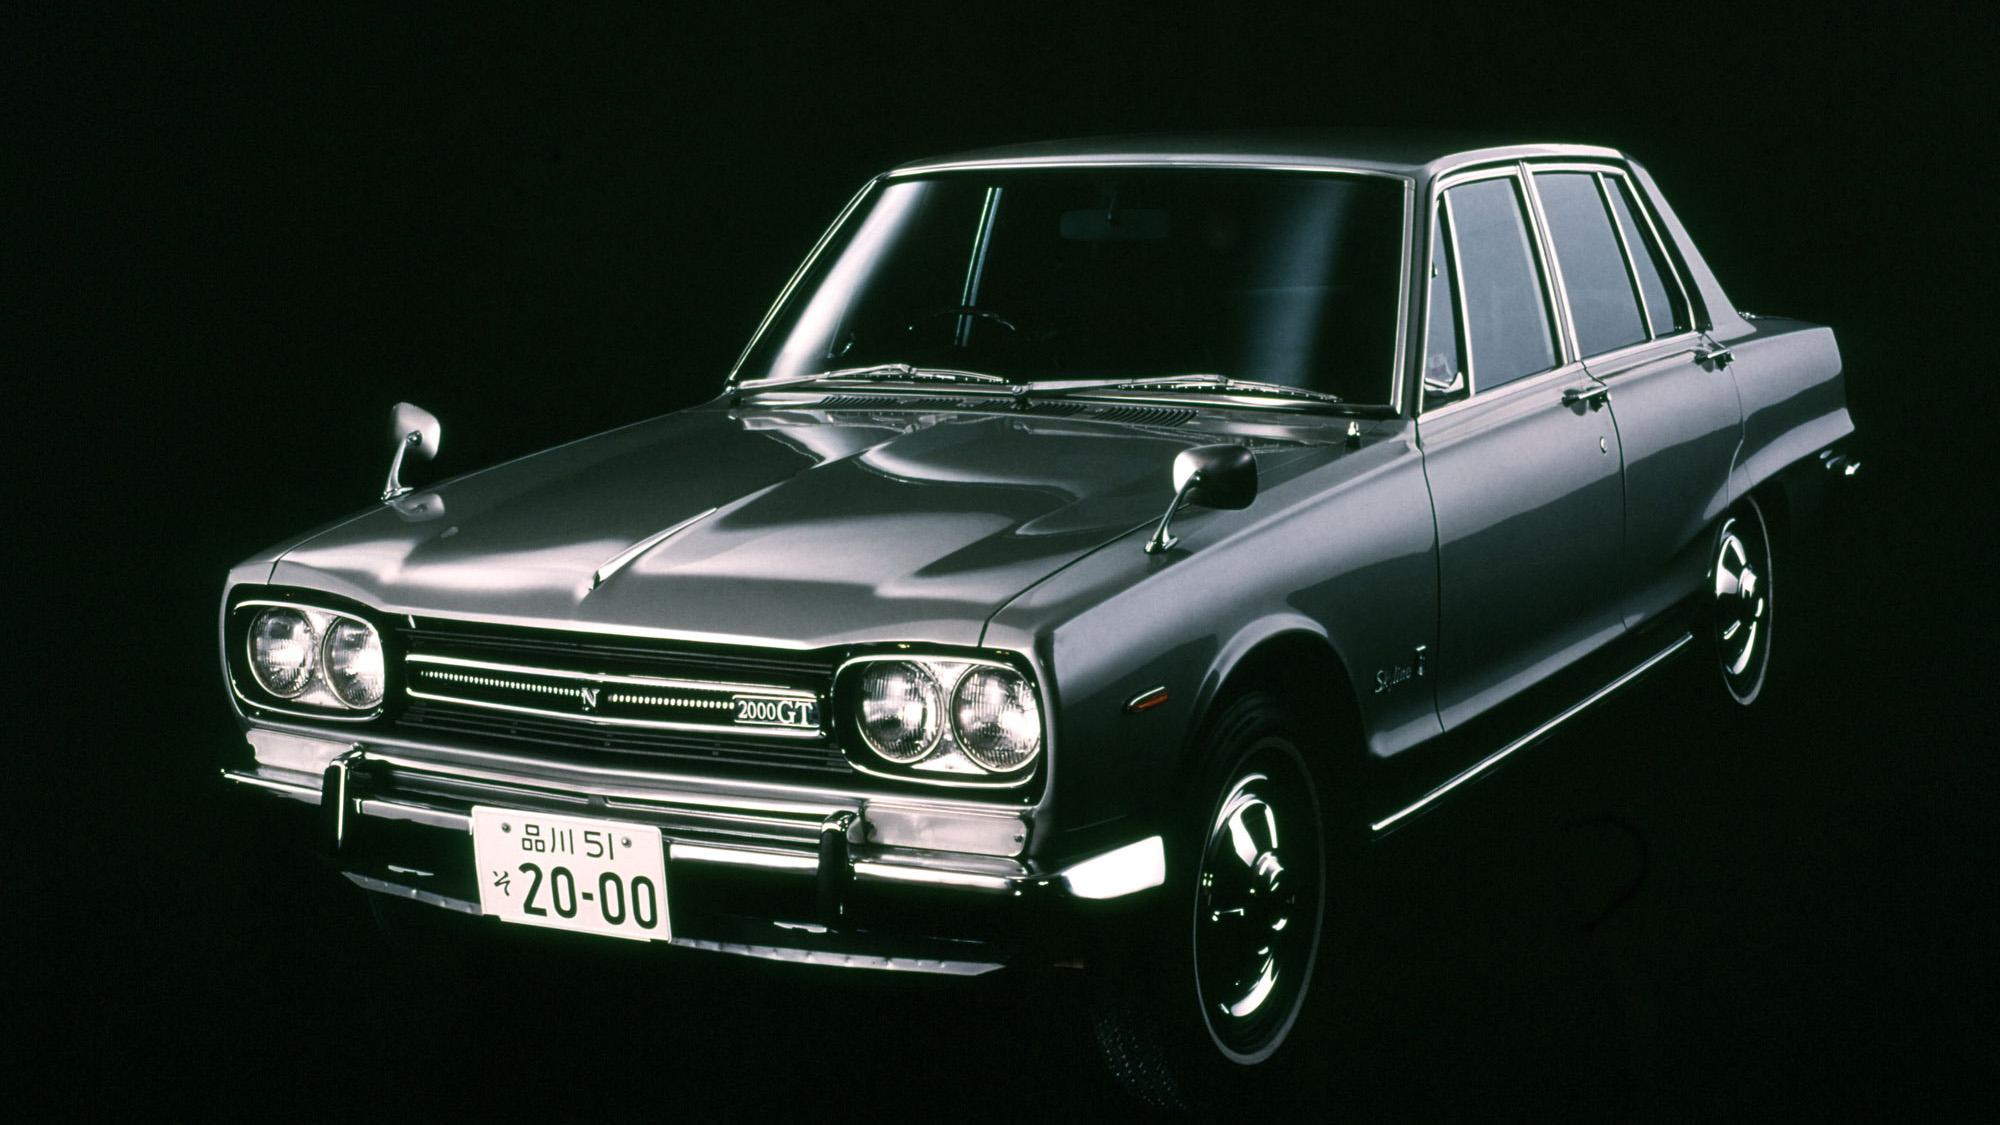 日産「スカイライン」の60年、全モデルを写真で振り返る① - 1968_2000GT_GC10-source